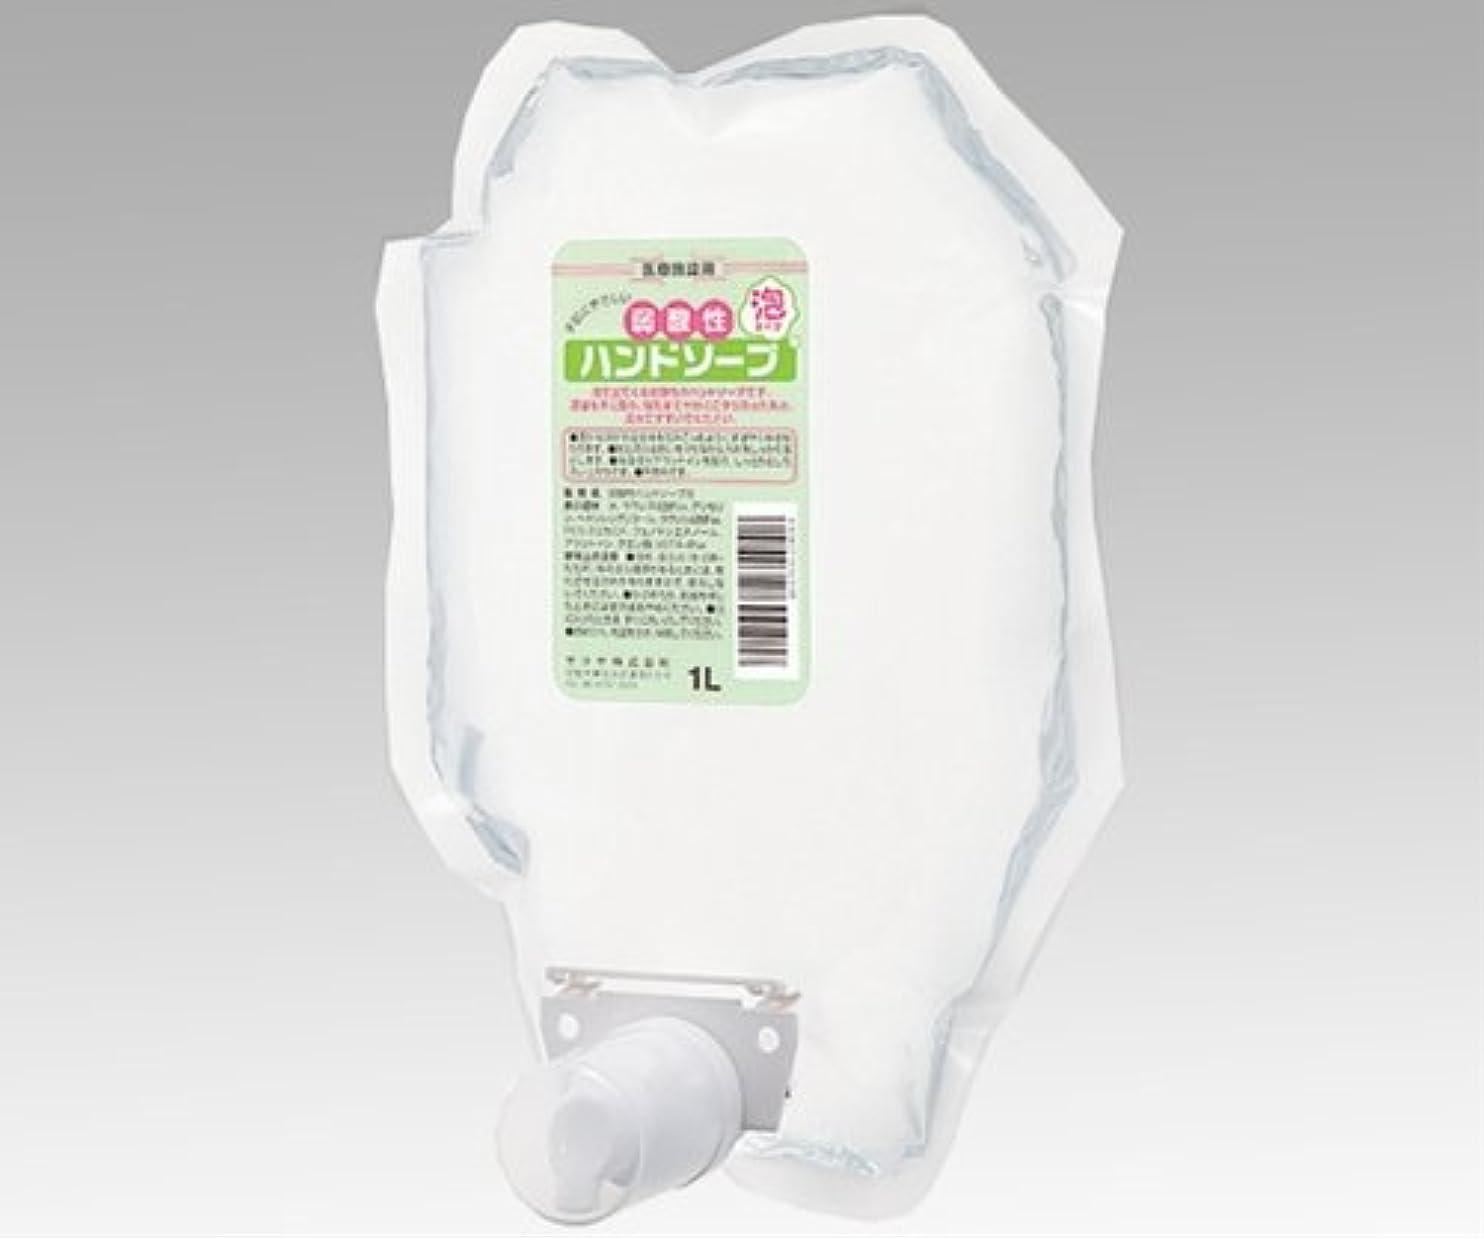 かんがいプレミアム冷えるサラヤ 弱酸性ハンドソープ 泡タイプ / 0-8762-07